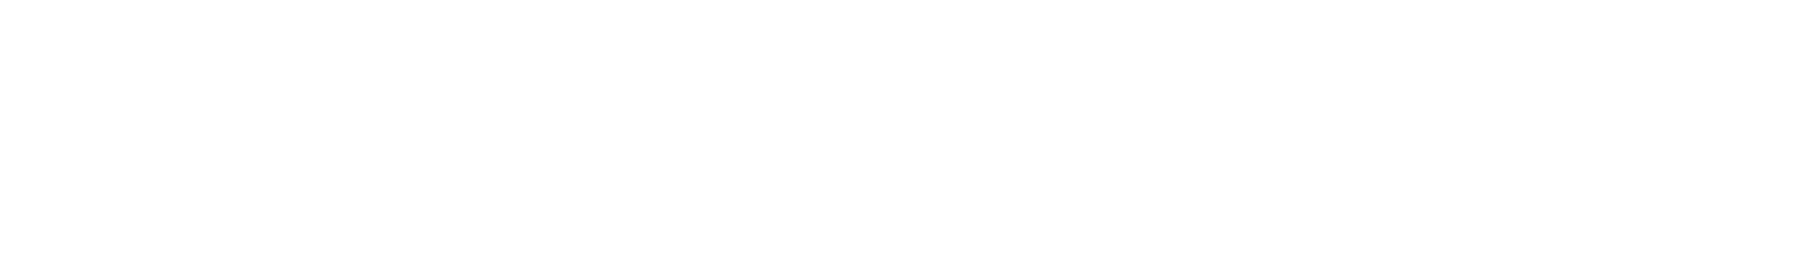 syn9 122